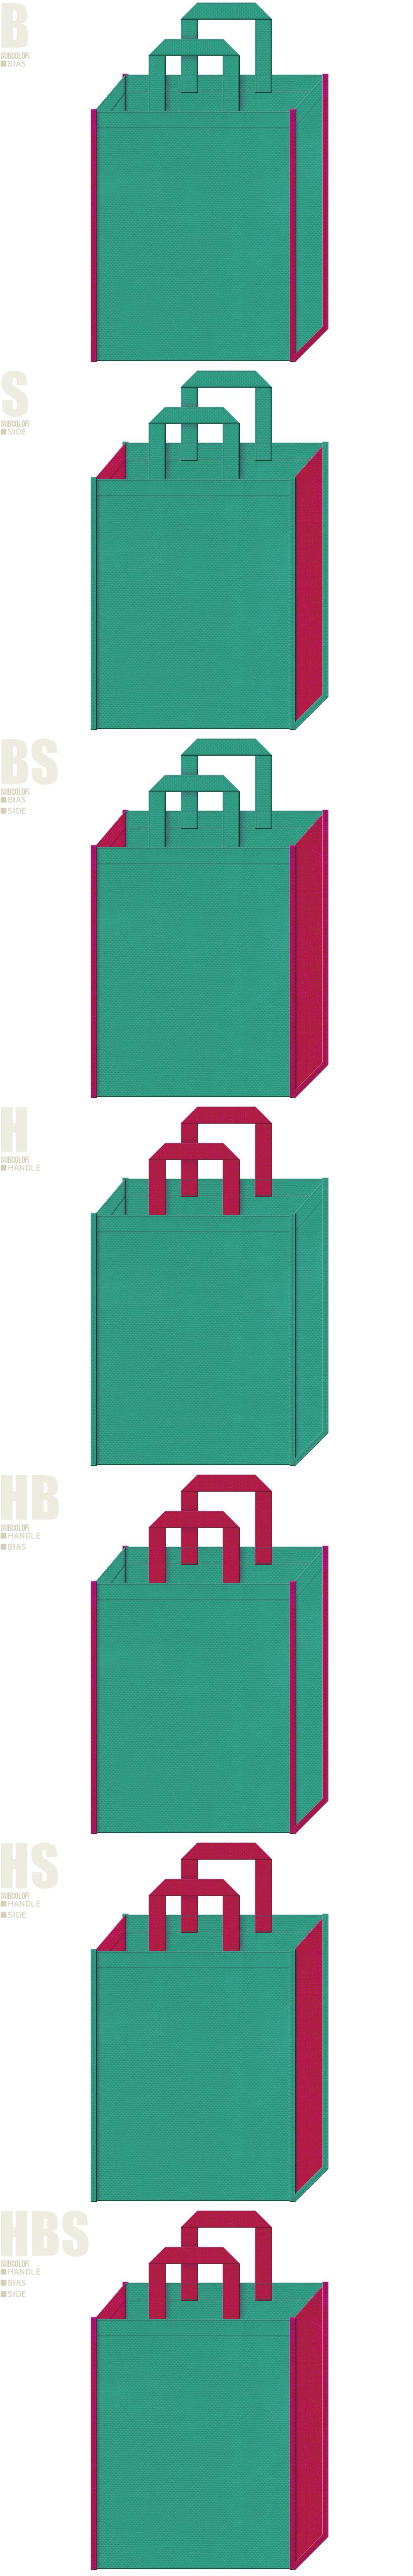 青緑色と濃いピンク色、7パターンの不織布トートバッグ配色デザイン例。南国の島旅行のバッグノベルティにお奨めです。トロピカル・南国の鳥のイメージ。